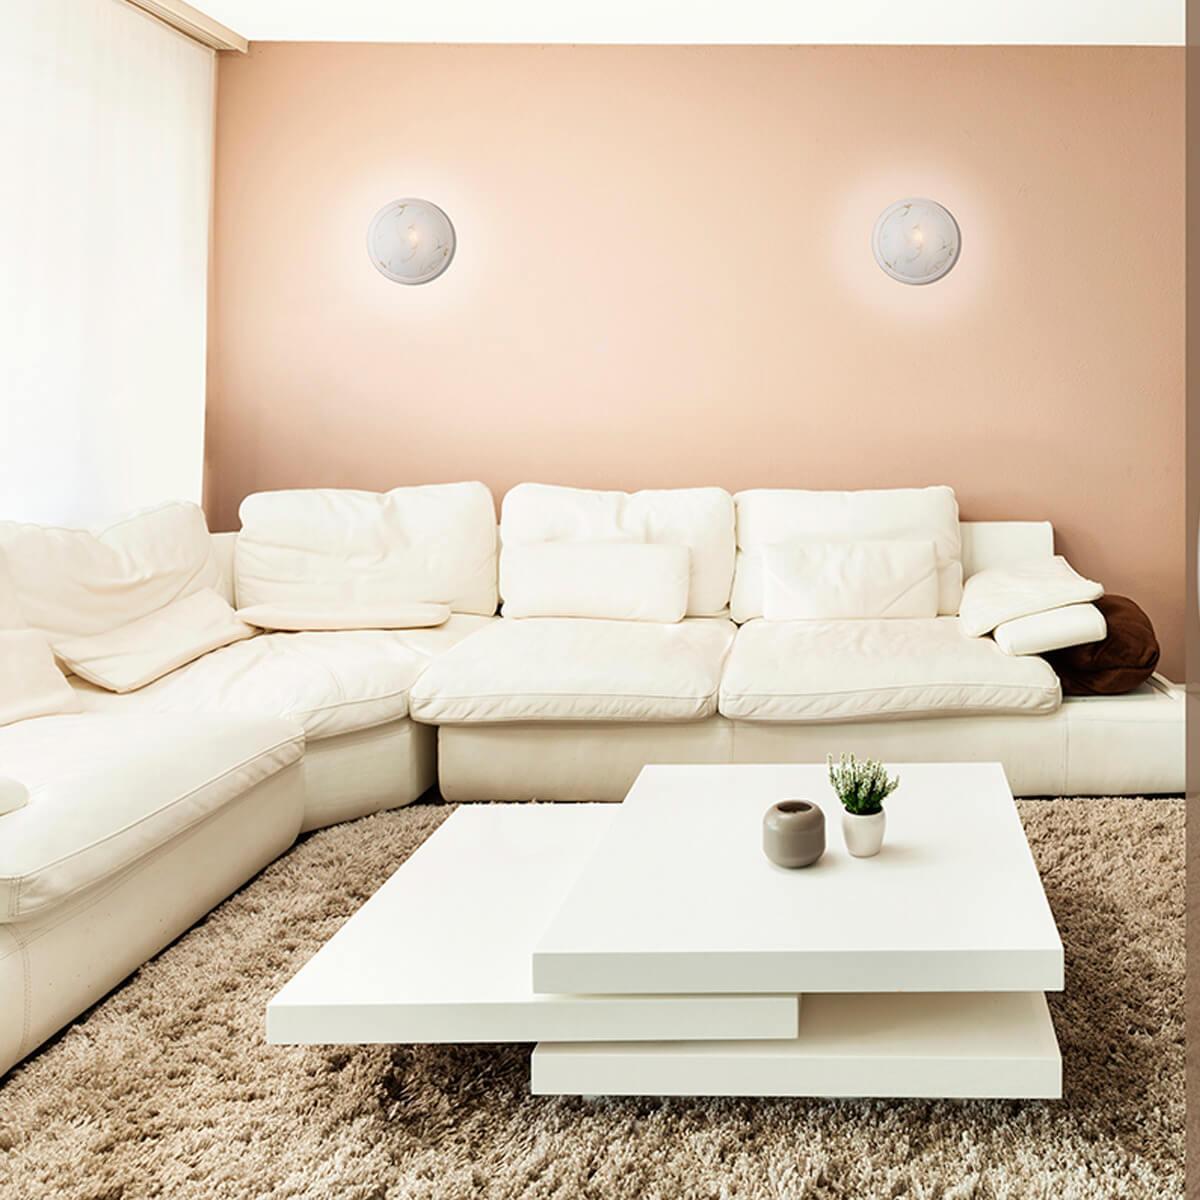 Потолочный светильник Sonex Blanketa Gold 102/K sonex потолочный светильник sonex blanketa gold 102 k